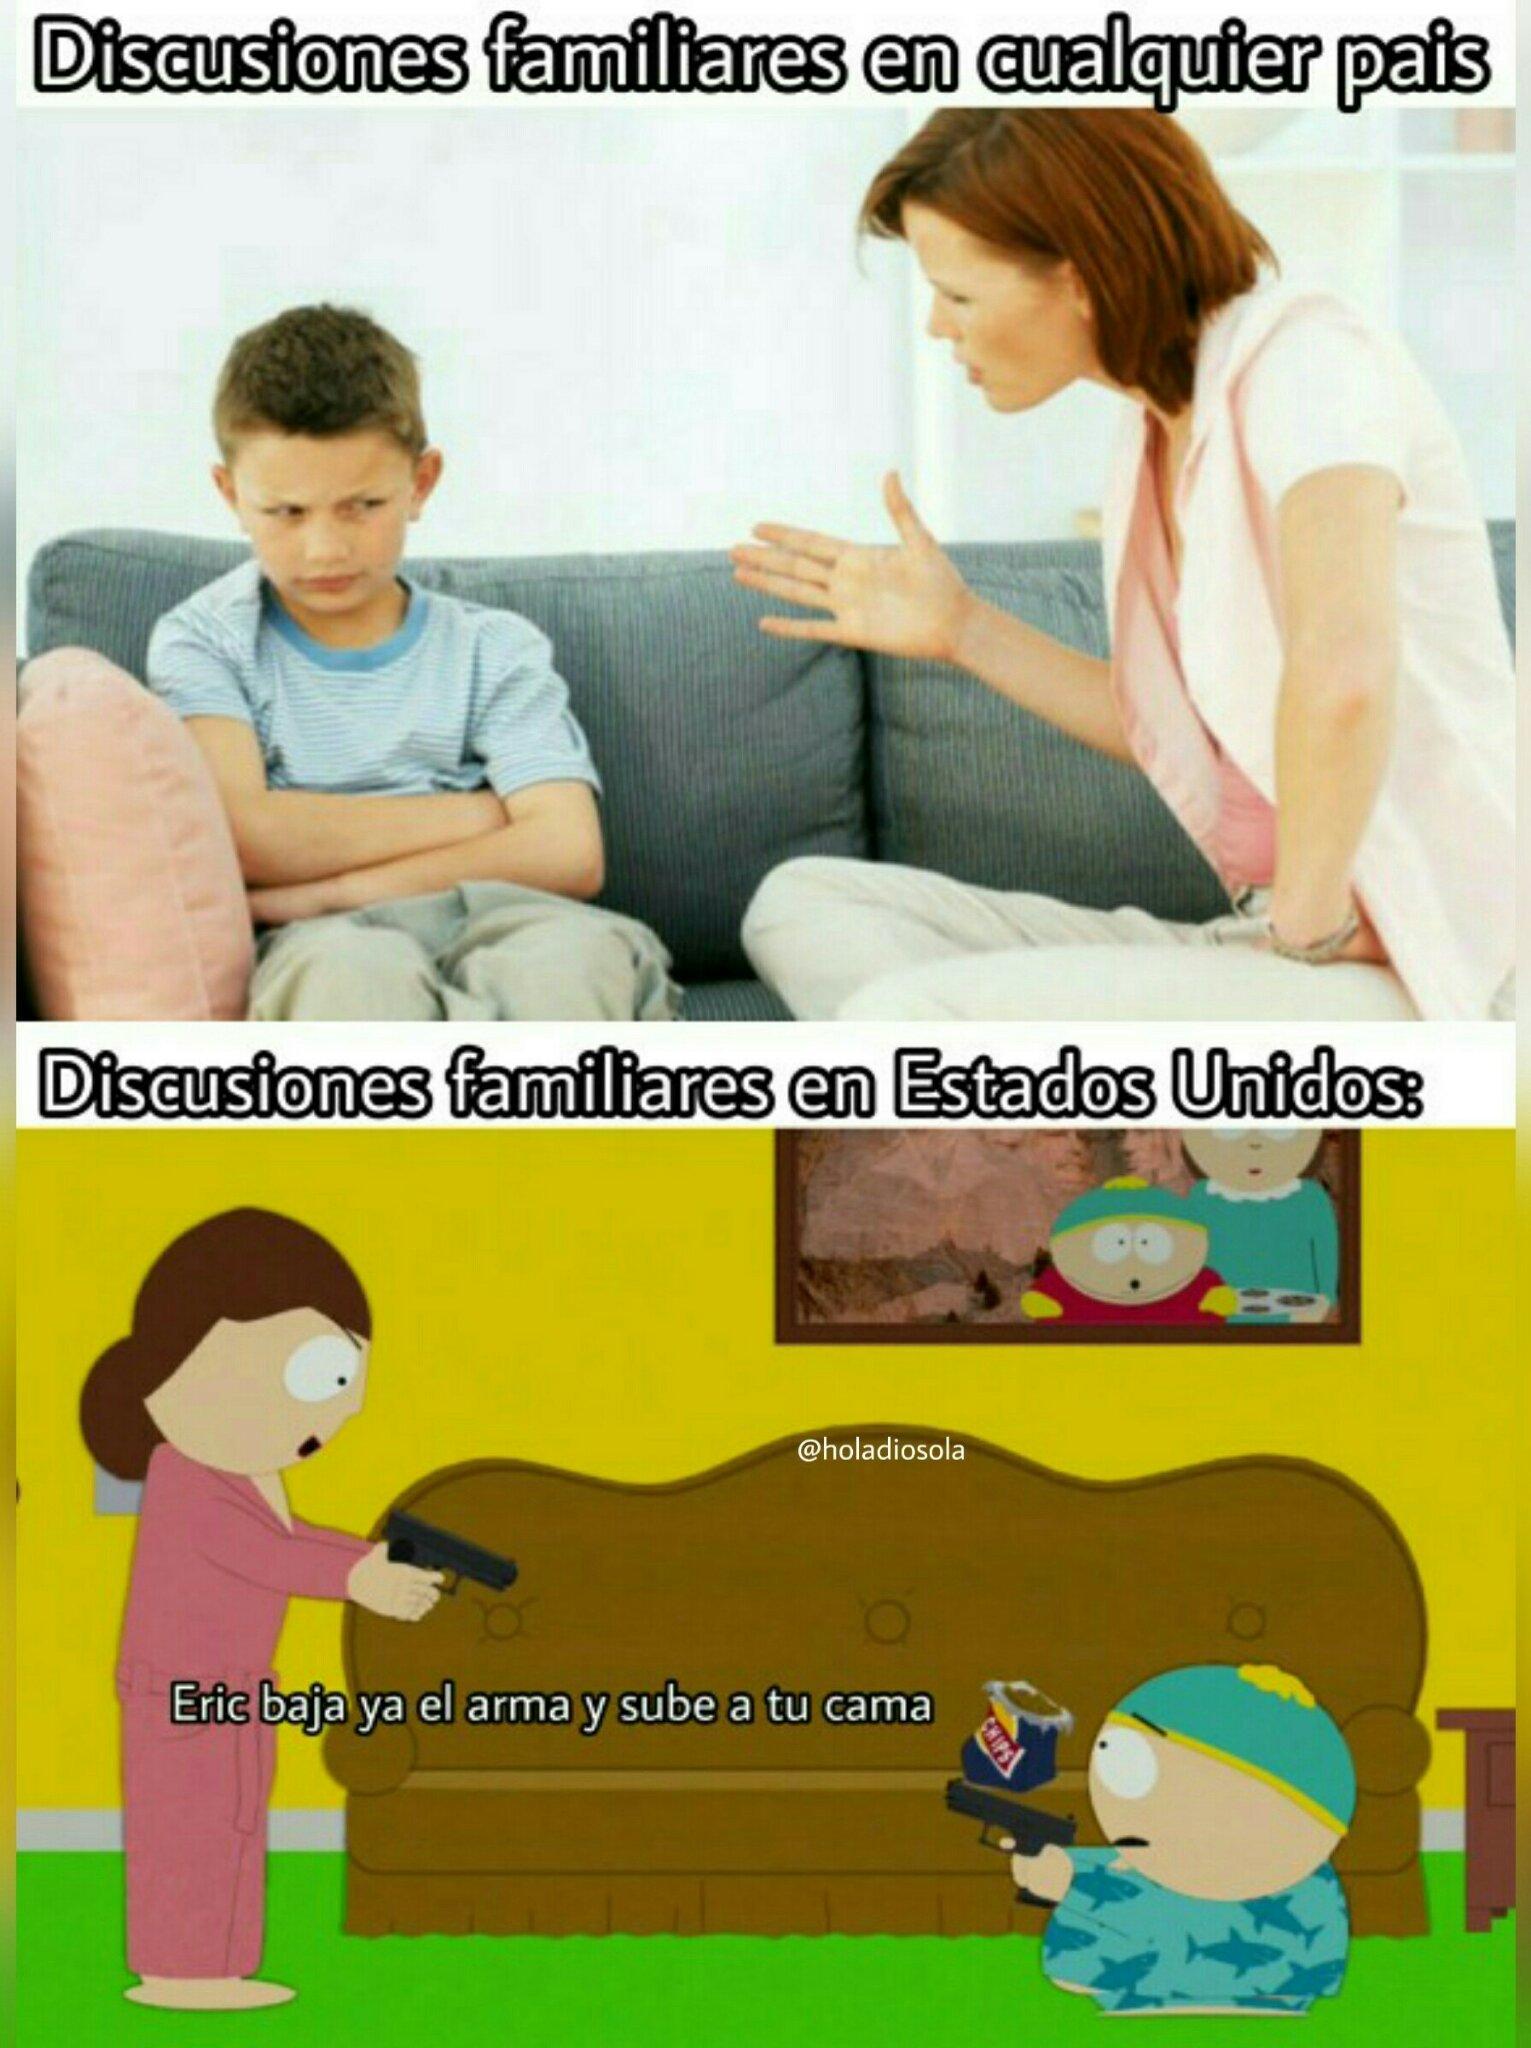 IG: @holadiosola - meme